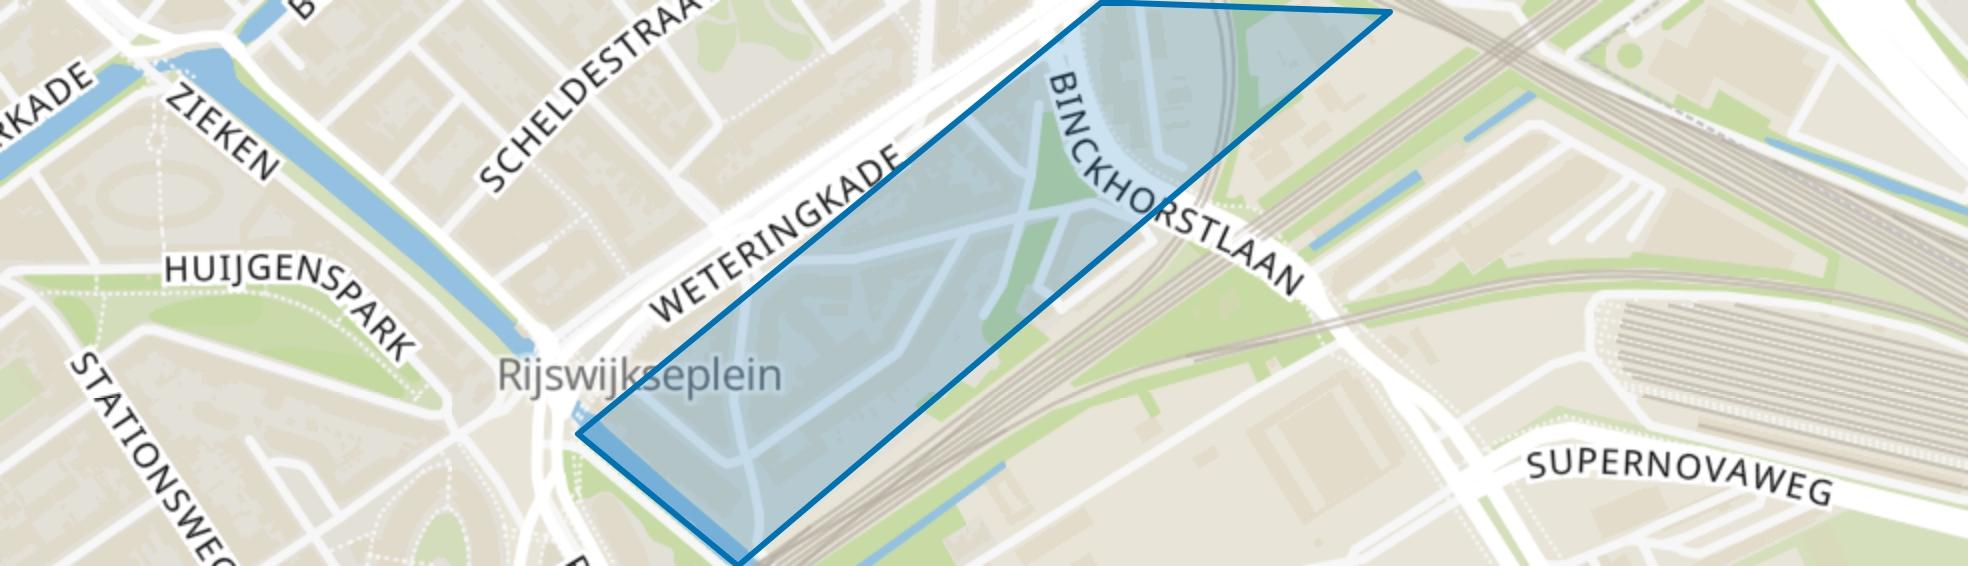 Rivierenbuurt-Zuid, Den Haag map